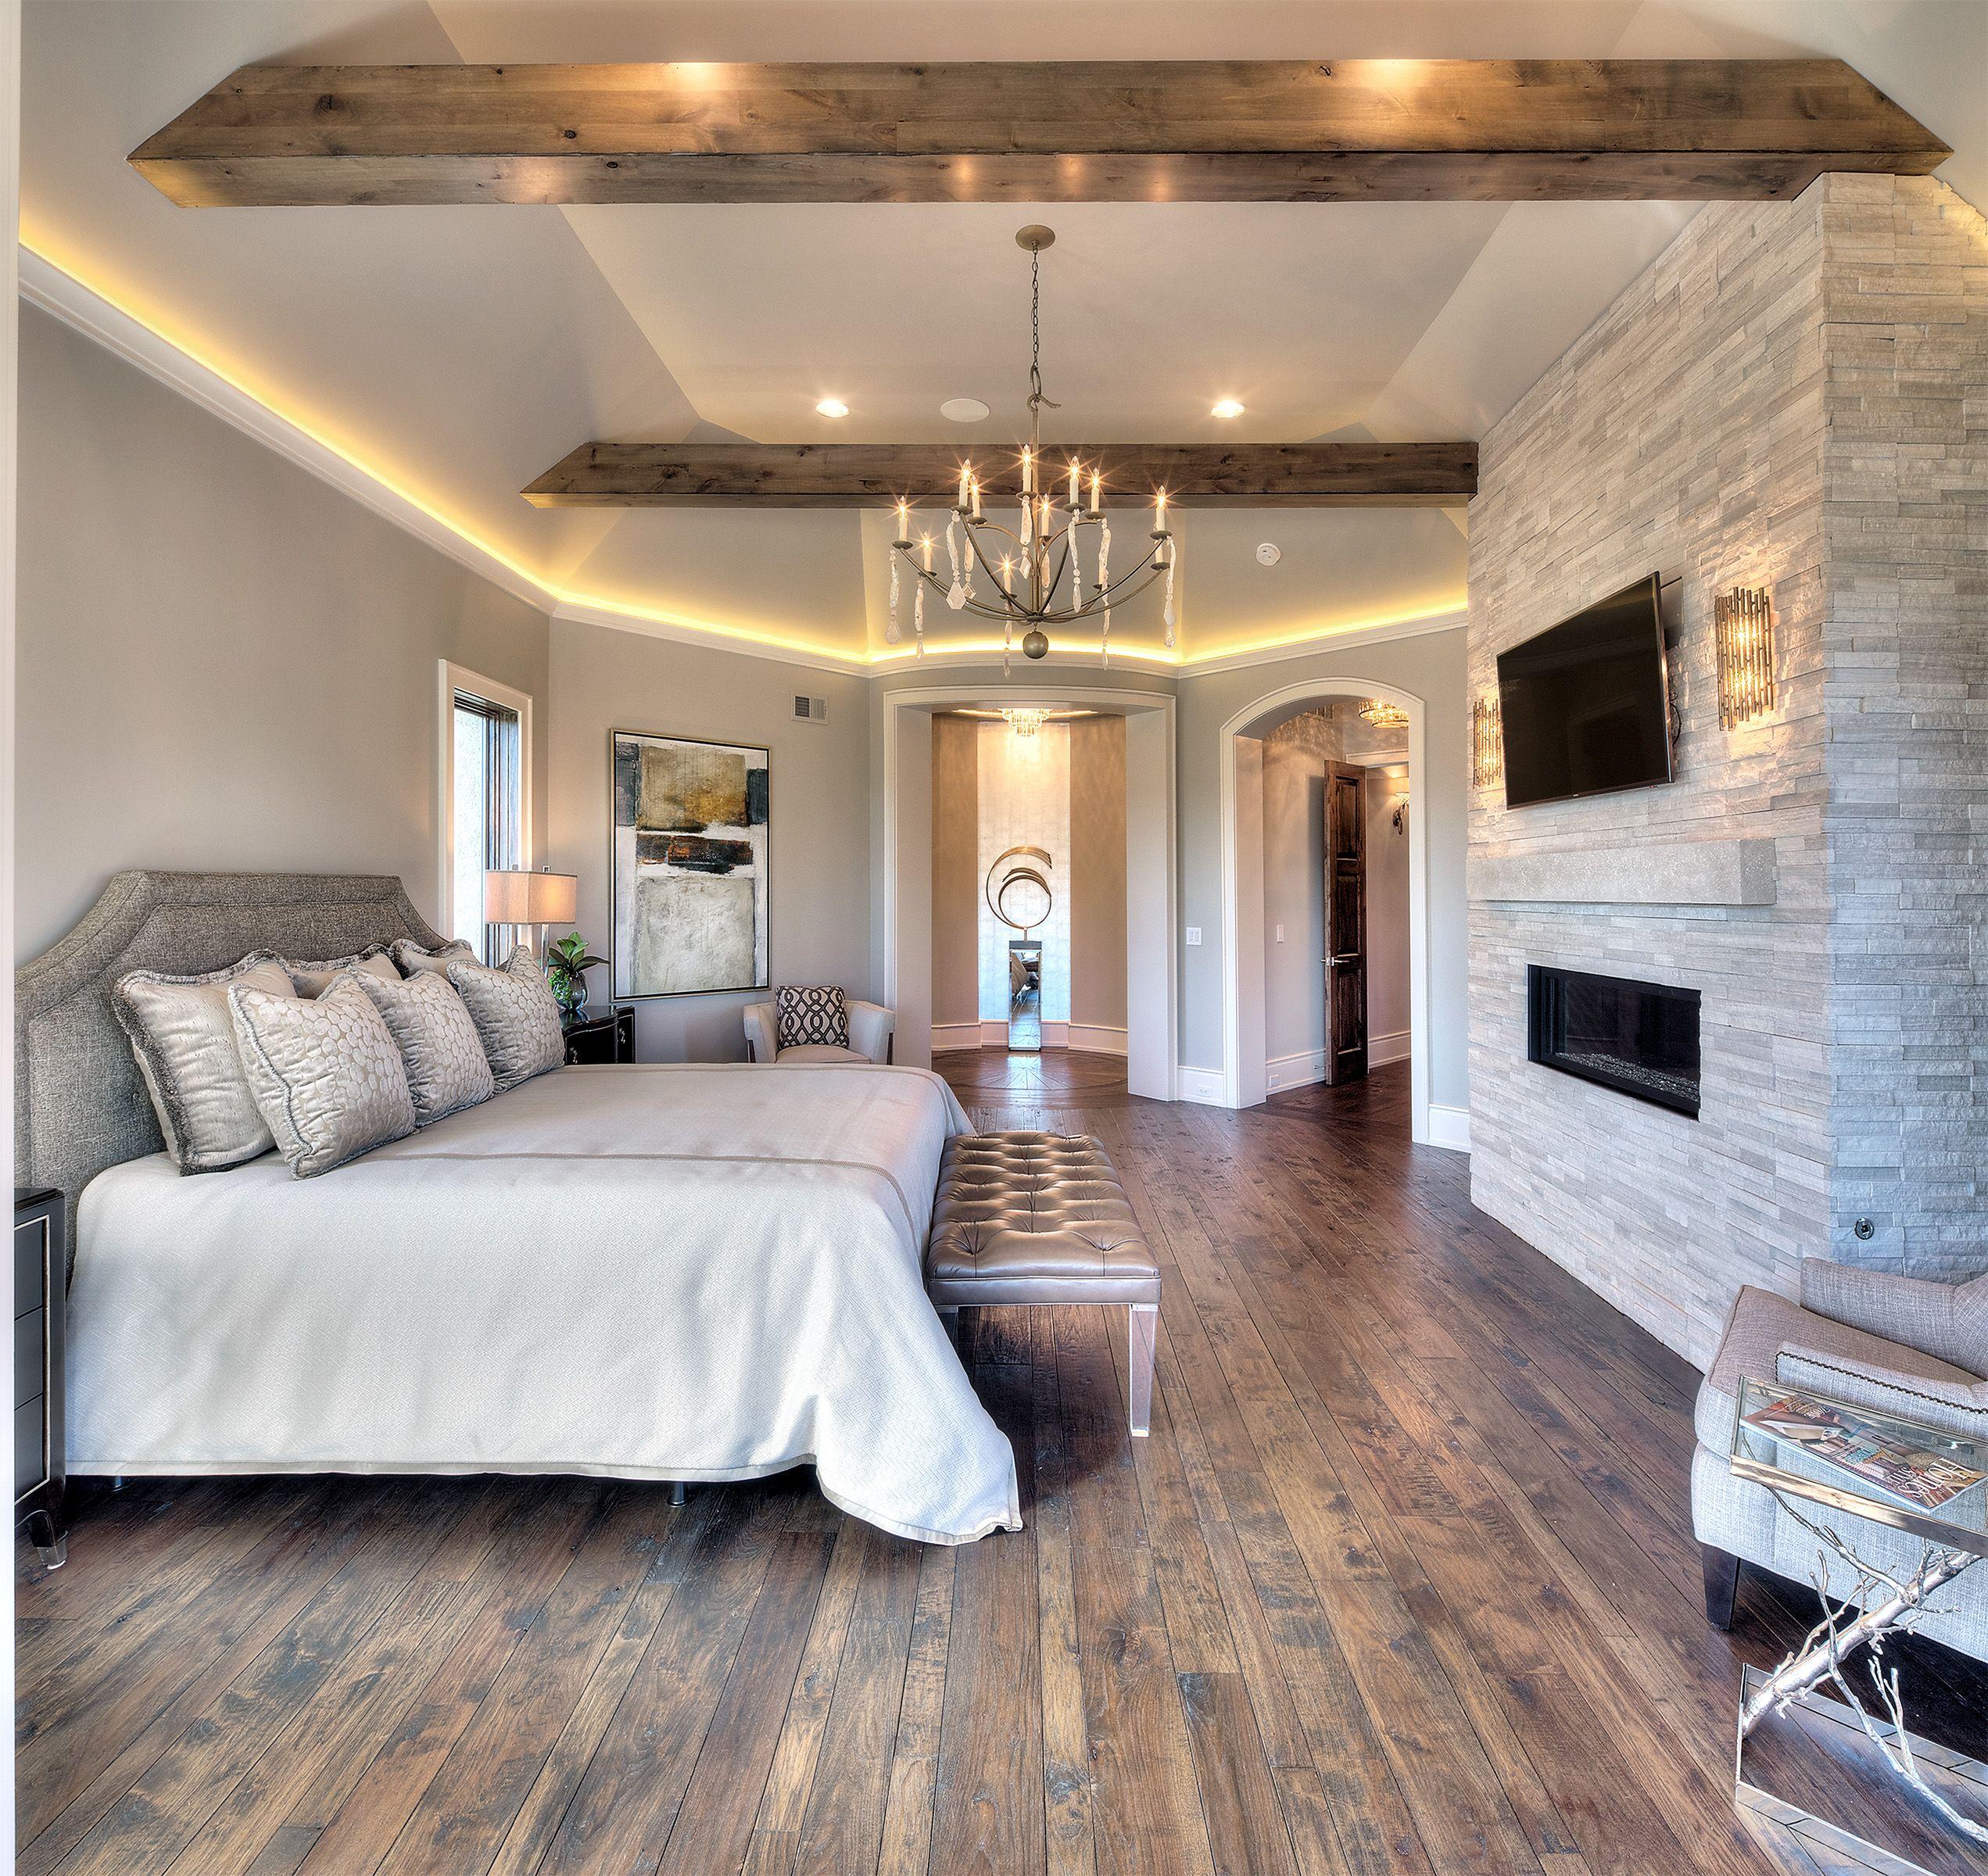 Master Bedroom Floor To Ceiling Stone Fireplace Hardwood Floor